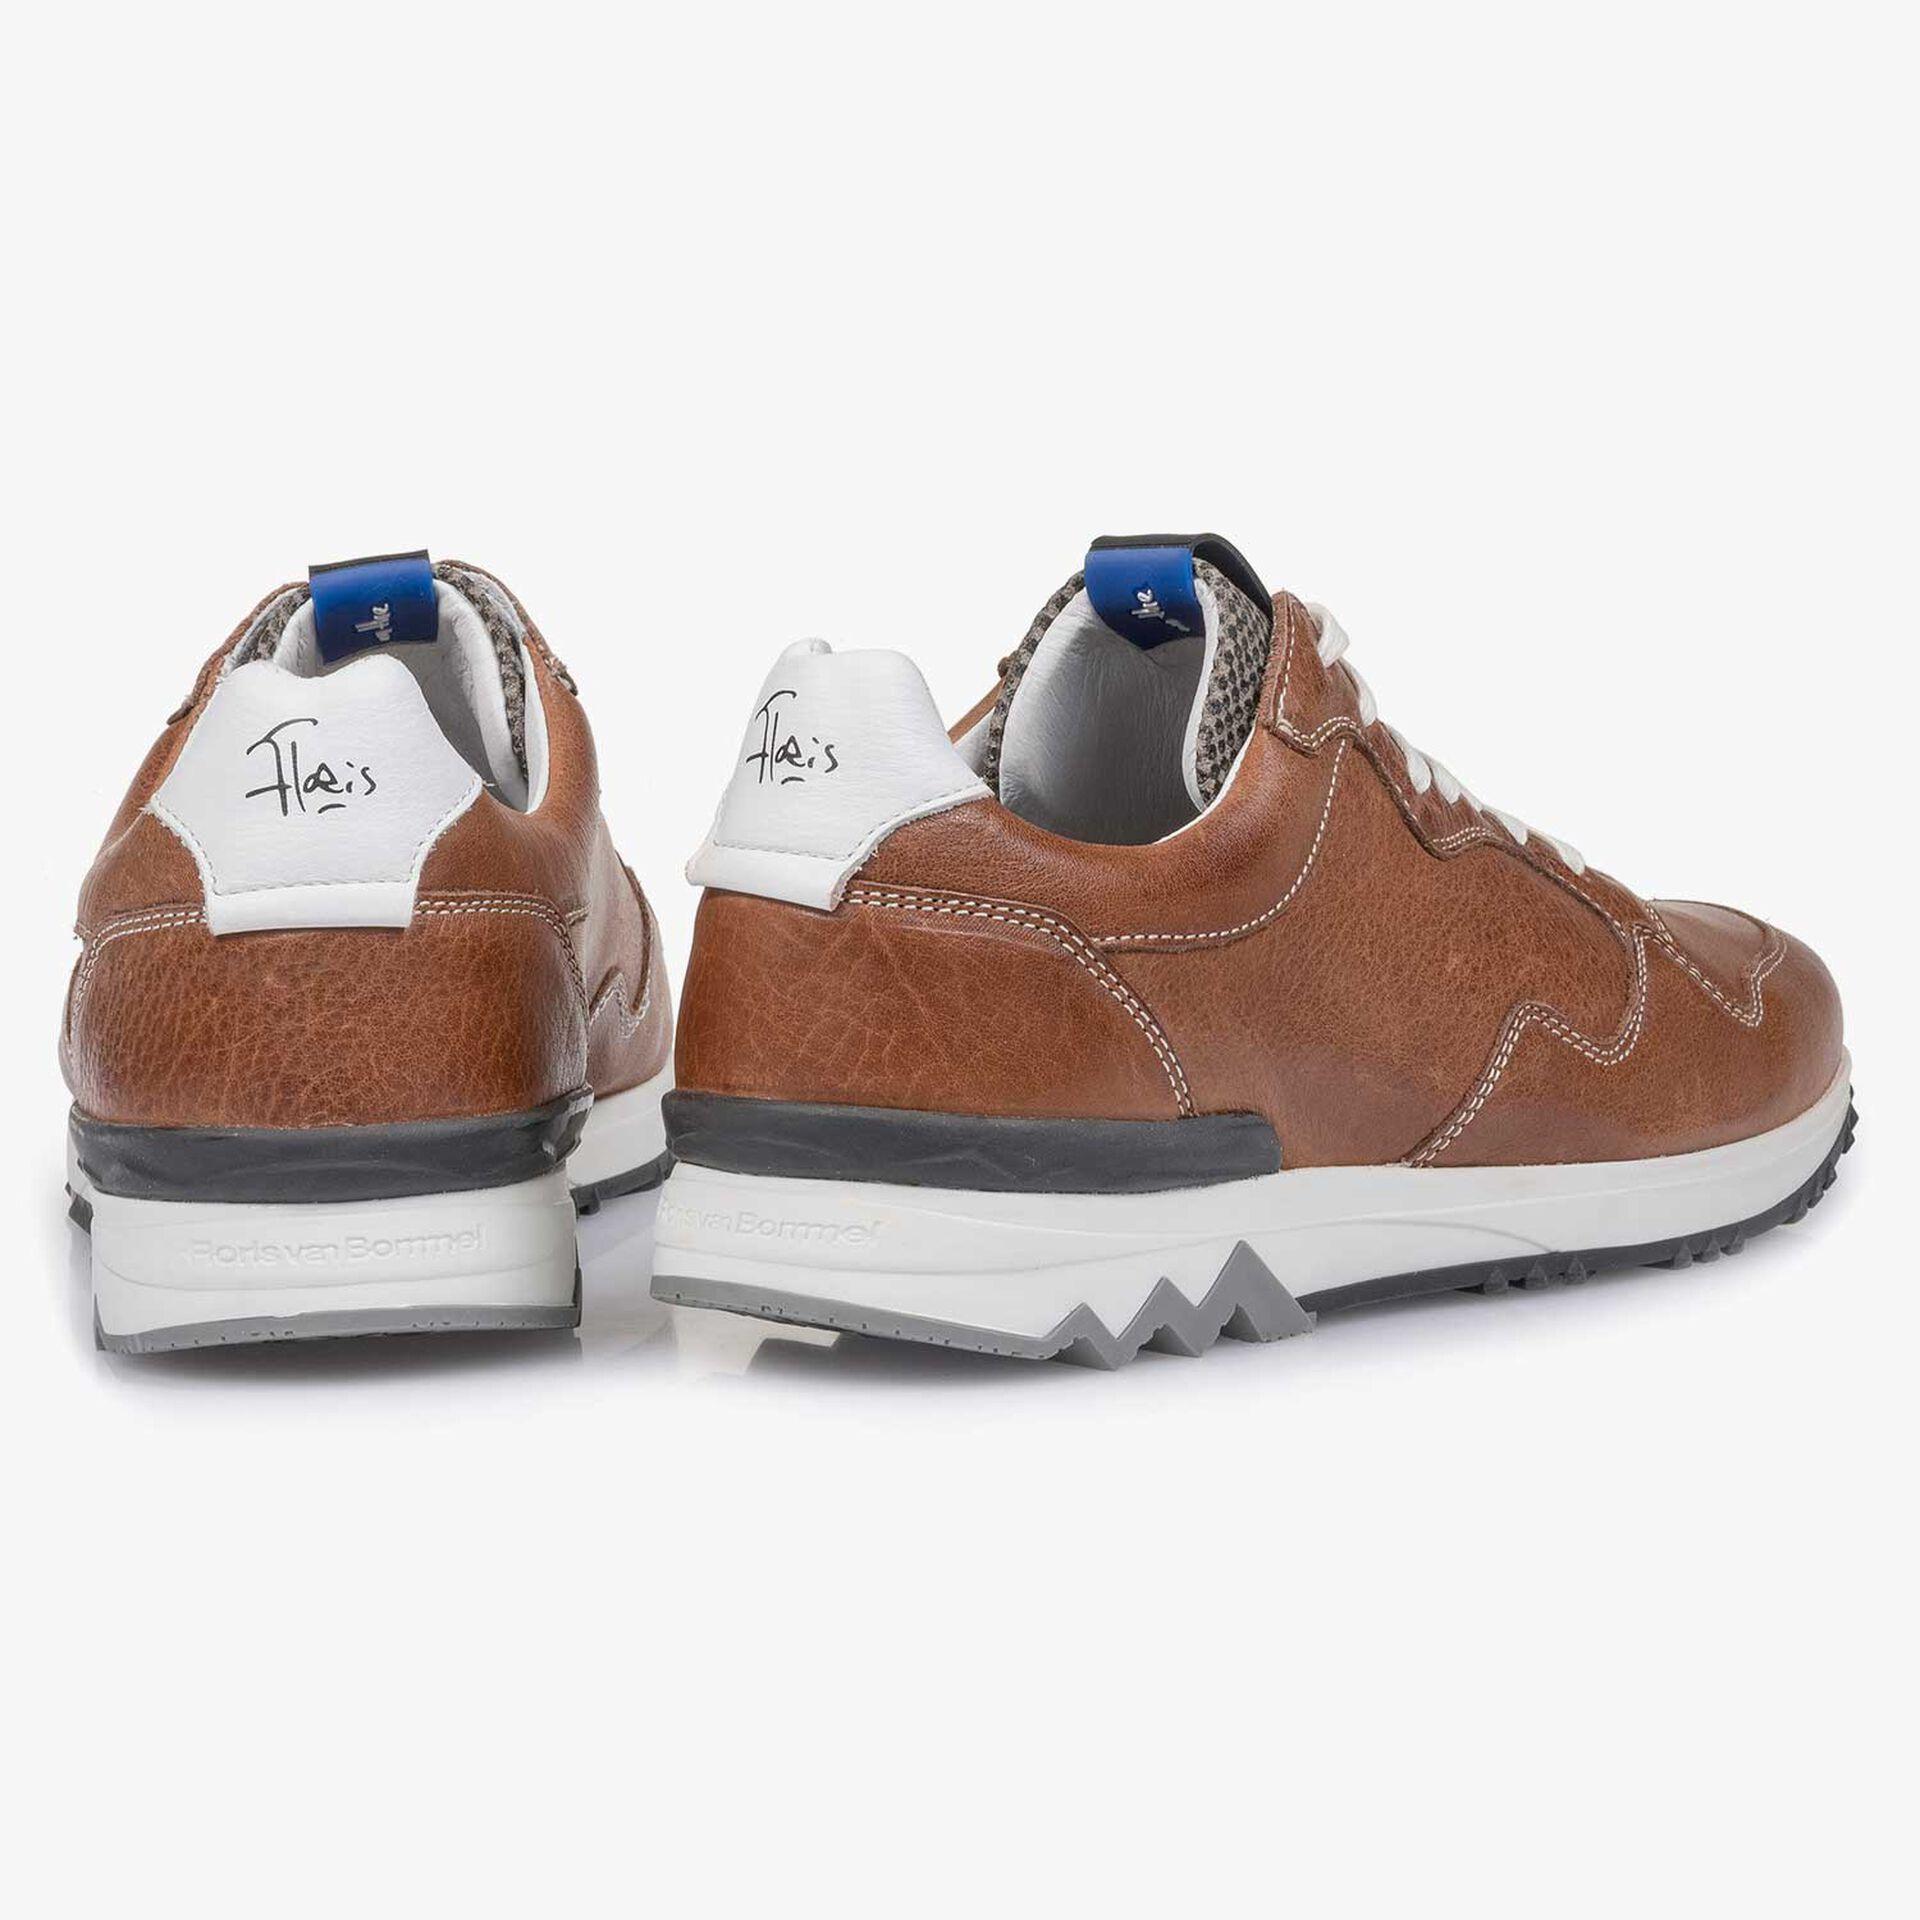 Cognacfarbener Leder-Sneaker